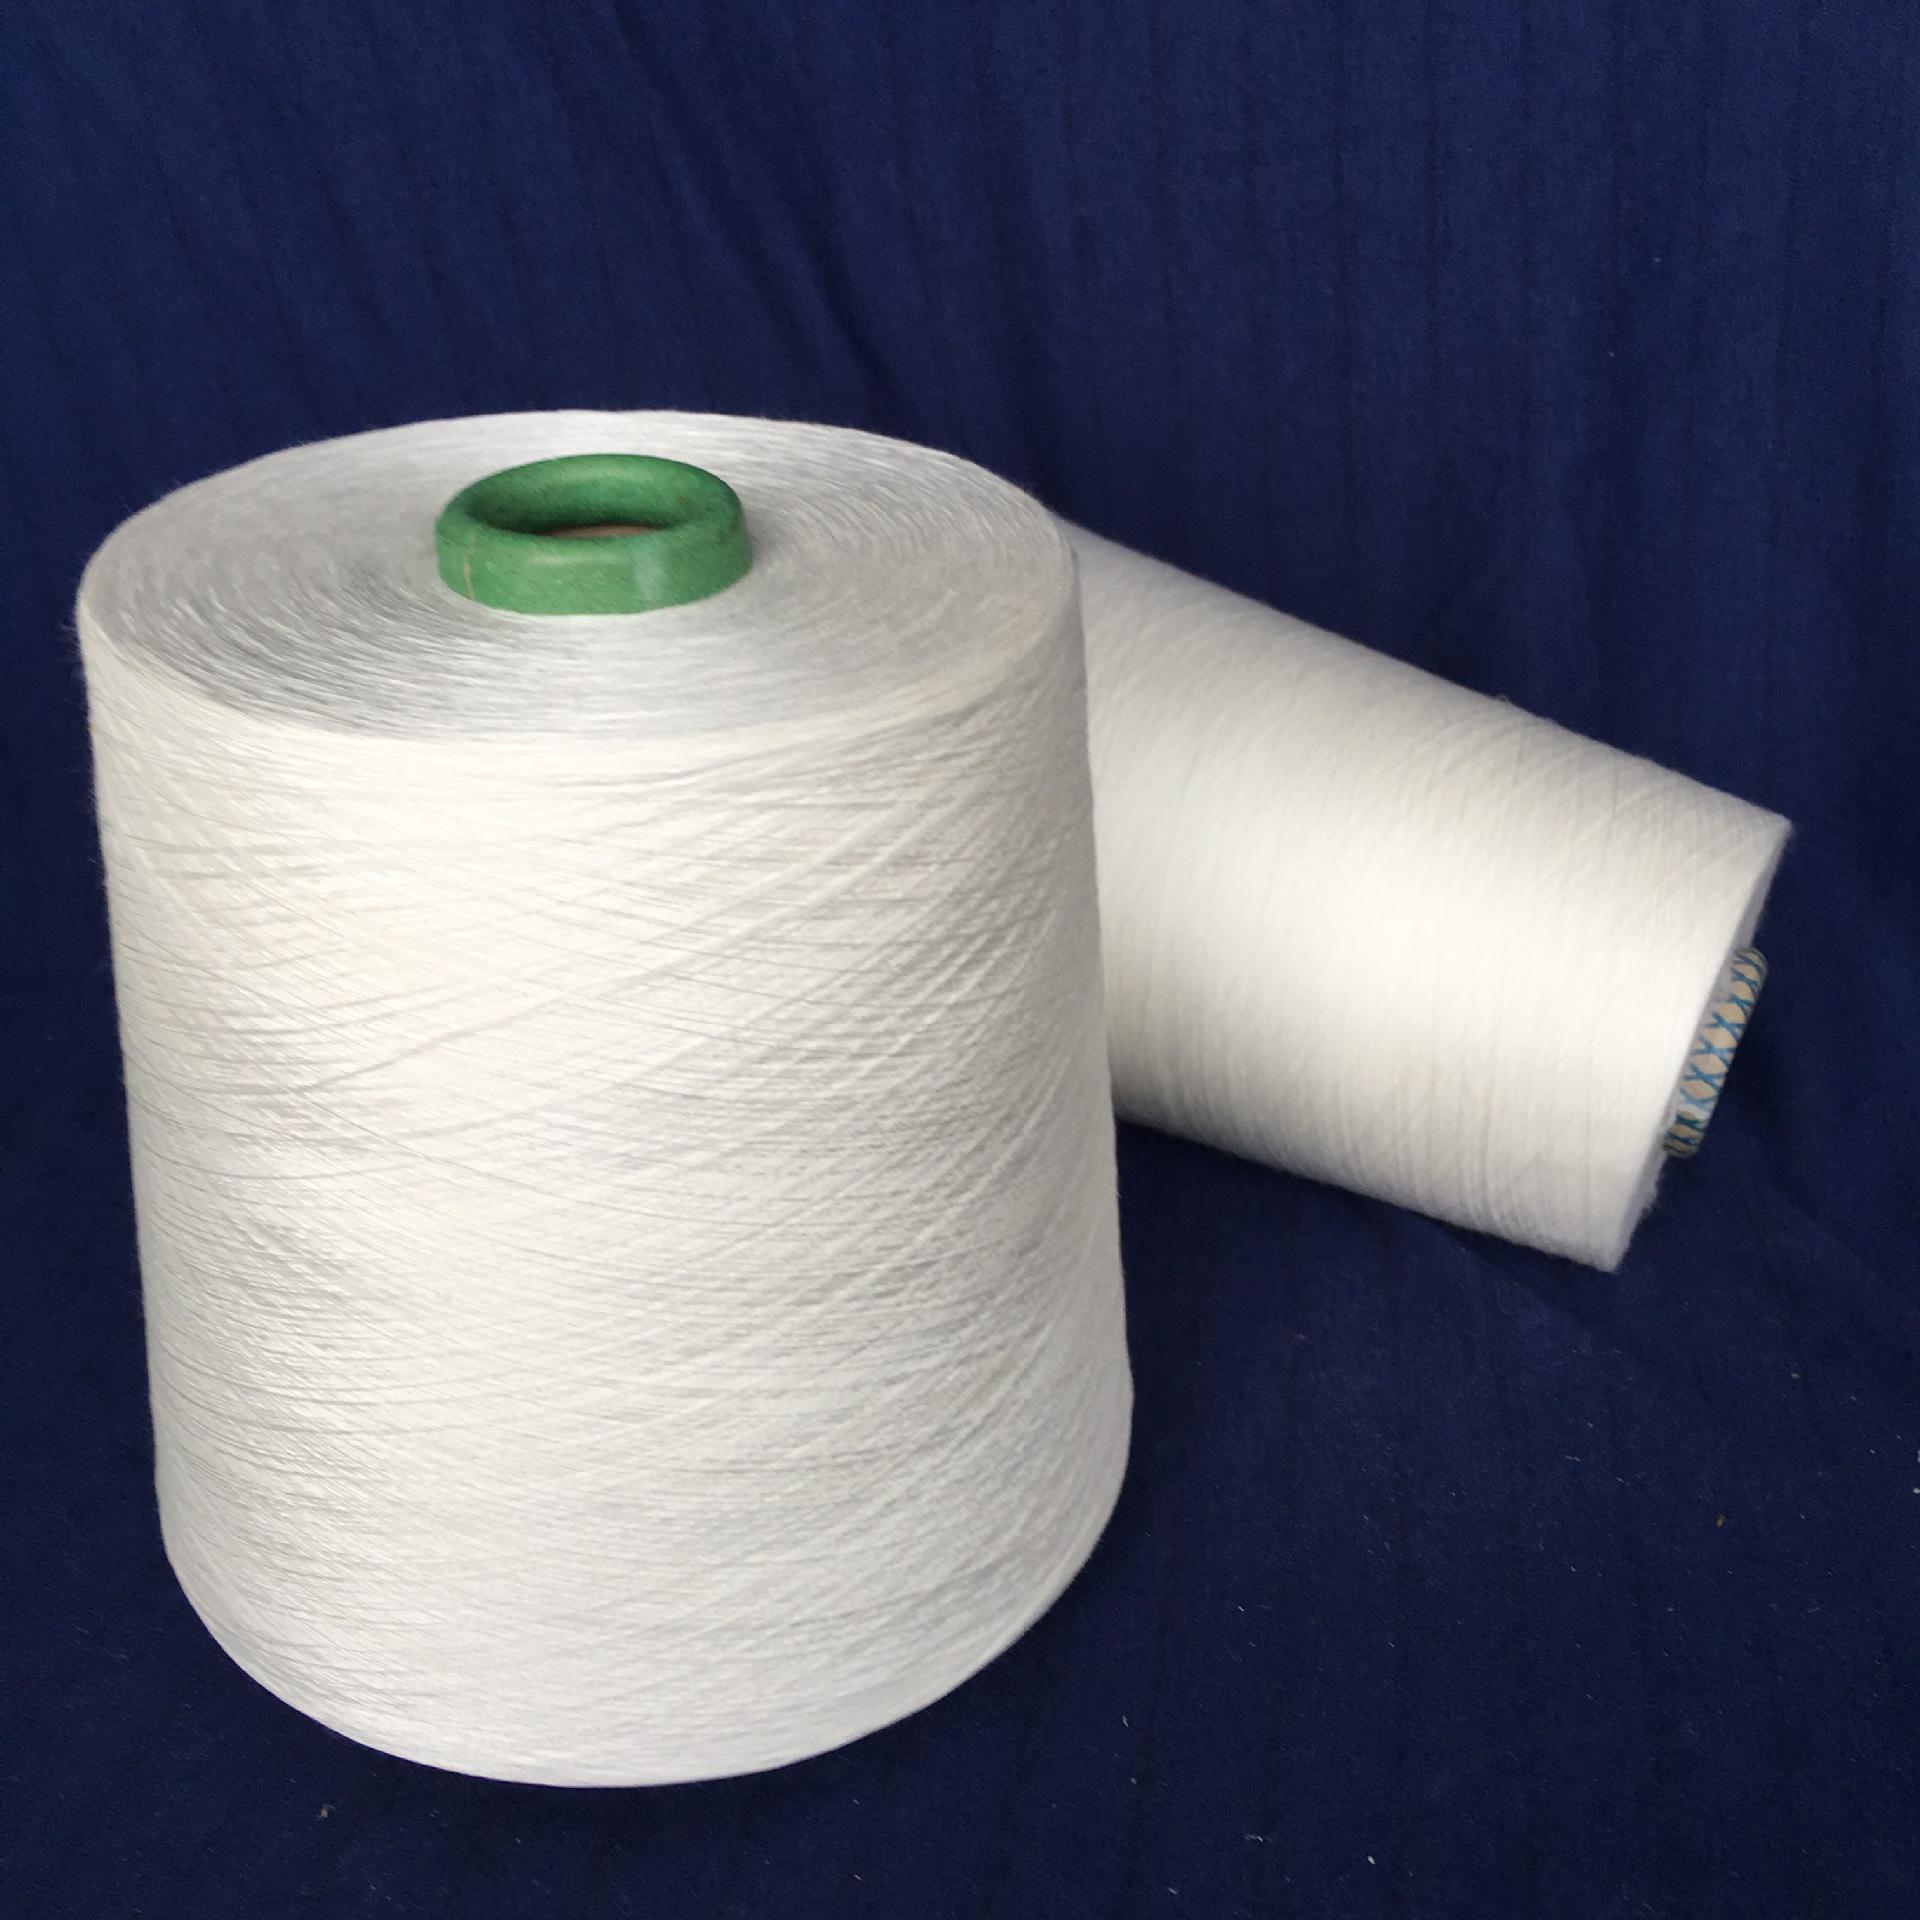 GUANGRUN Sợi pha , sợi tổng hợp Sợi vải lanh Tencel pha trộn 21 đếm 30 đếm Bông đếm 30 đếm 32 đếm 40